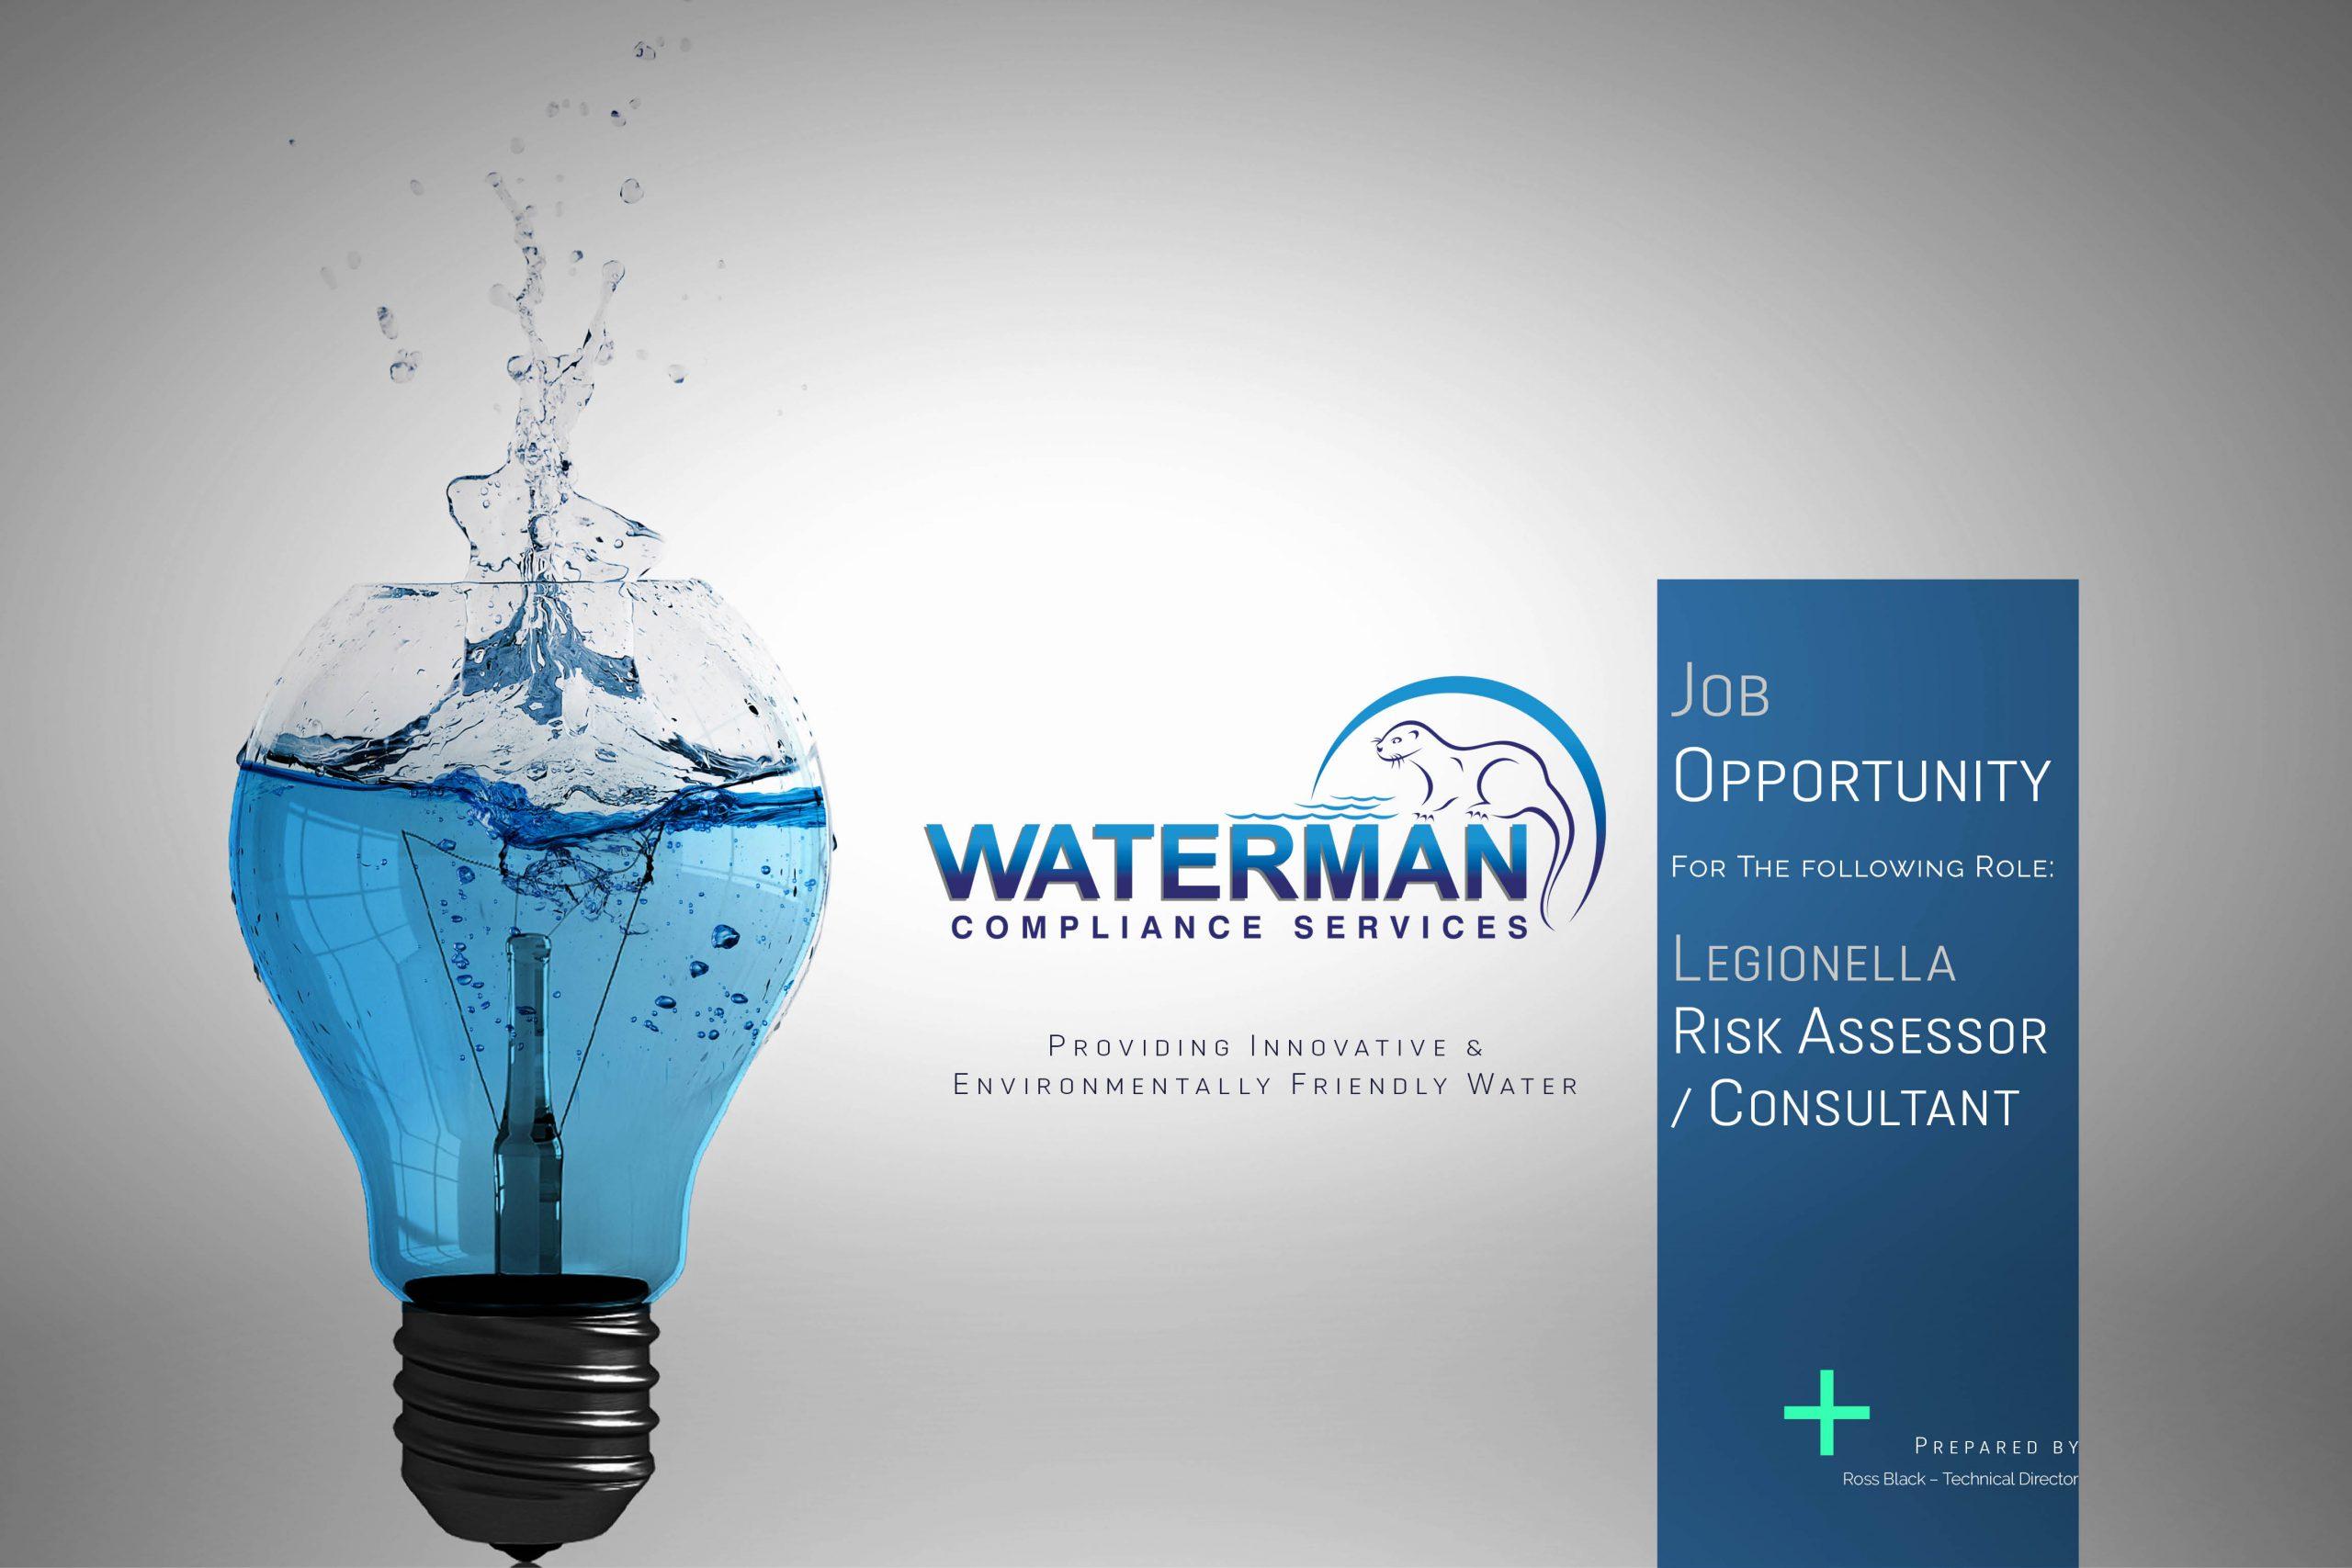 20201009 - Waterman Compliance Services Job Post - Legionella Risk Assessor - Consultant